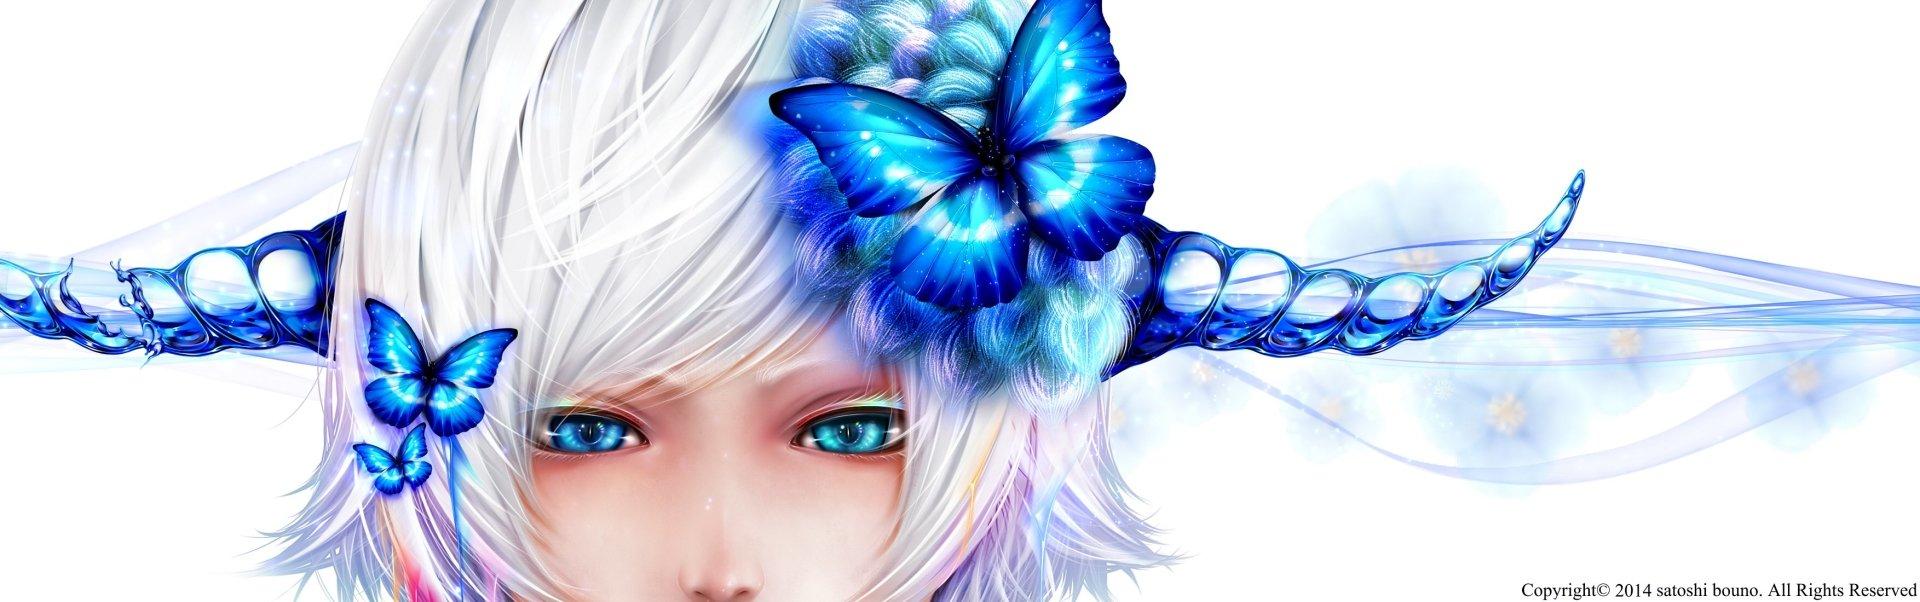 Anime - Original  Girl Fantasy Woman Butterfly Blue Horns White Hair White Blue Eyes Wallpaper